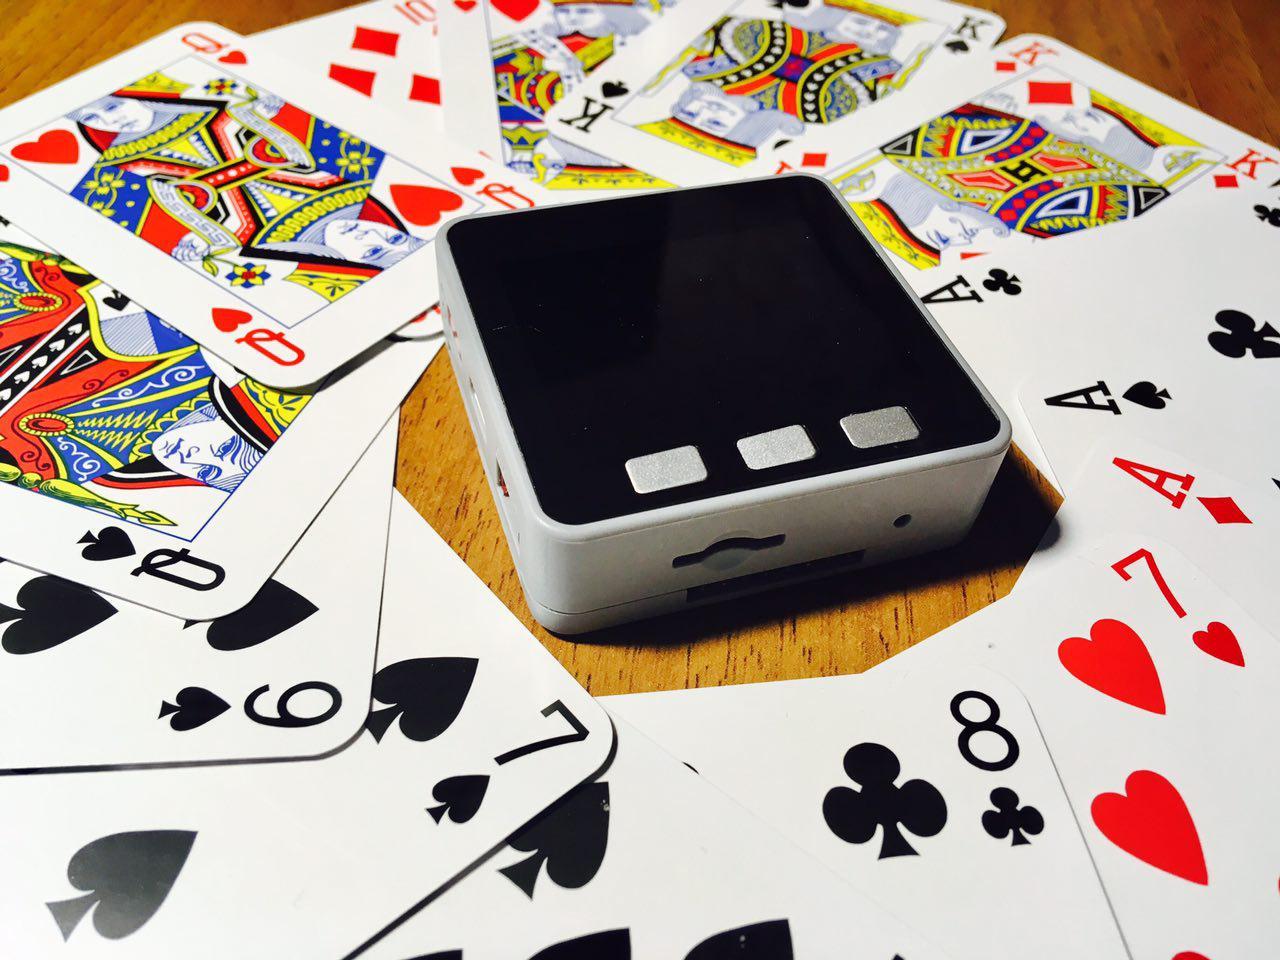 Карточная игра «Дурак» на двух M5Stack